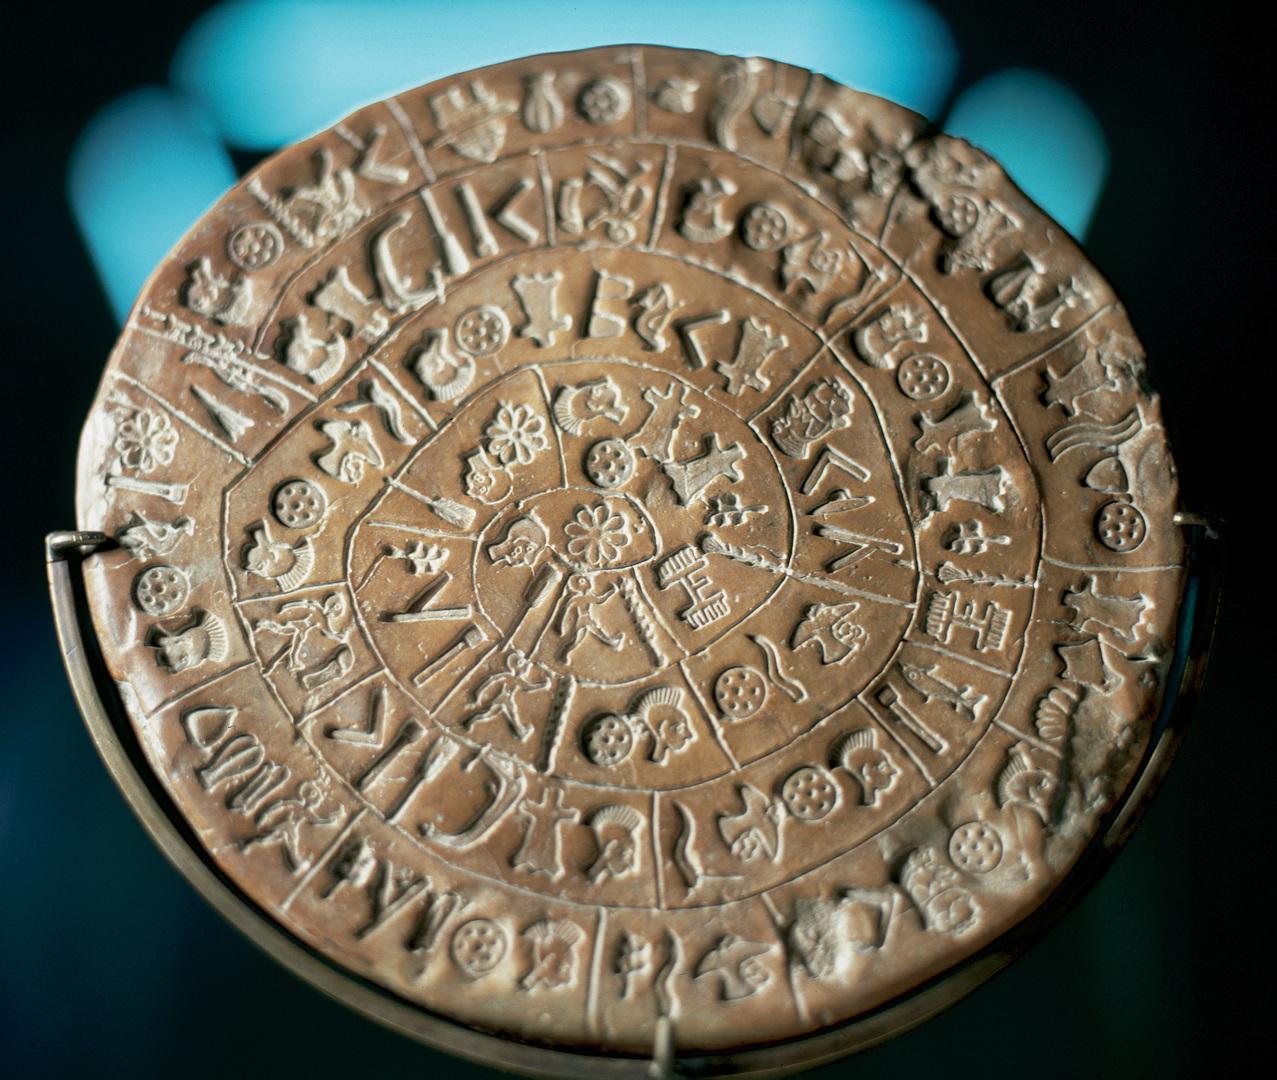 فك لغز قطعة أثرية غامضة عمرها ألفا عام يكشف عن سر مثير